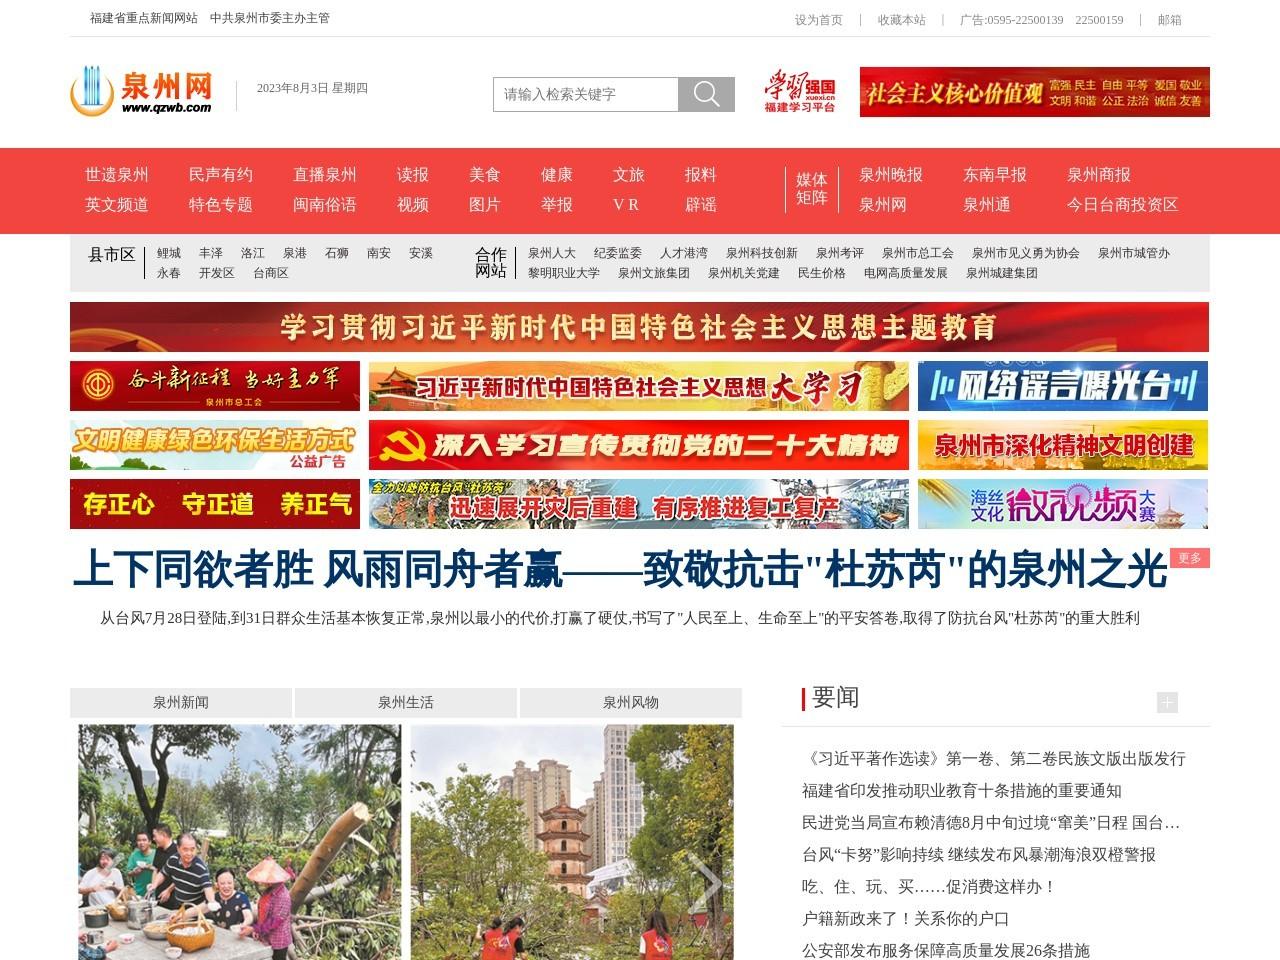 泉州网_泉州晚报社_泉州新闻门户网站